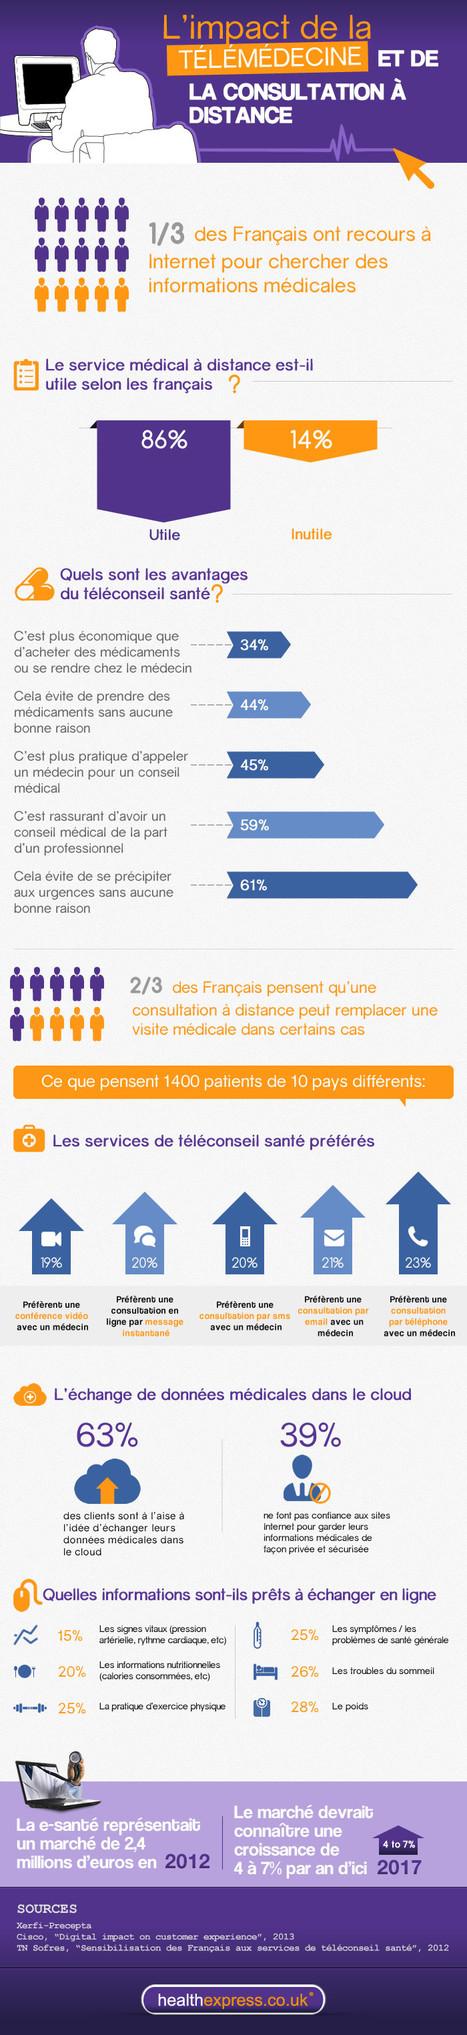 L'impact de la télémédecine et de la consultation à distance   Infographie santé   Scoop.it